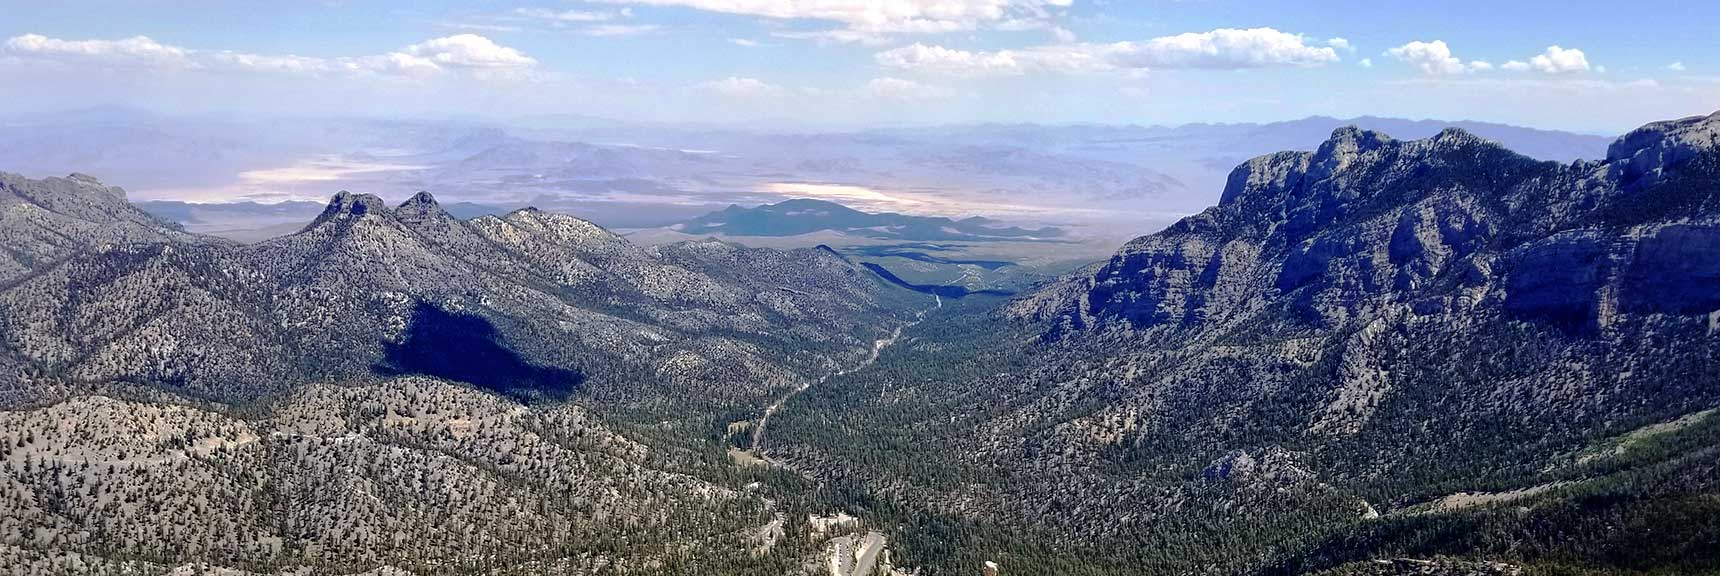 Sheep Range Viewed from Lee Peak, Nevada